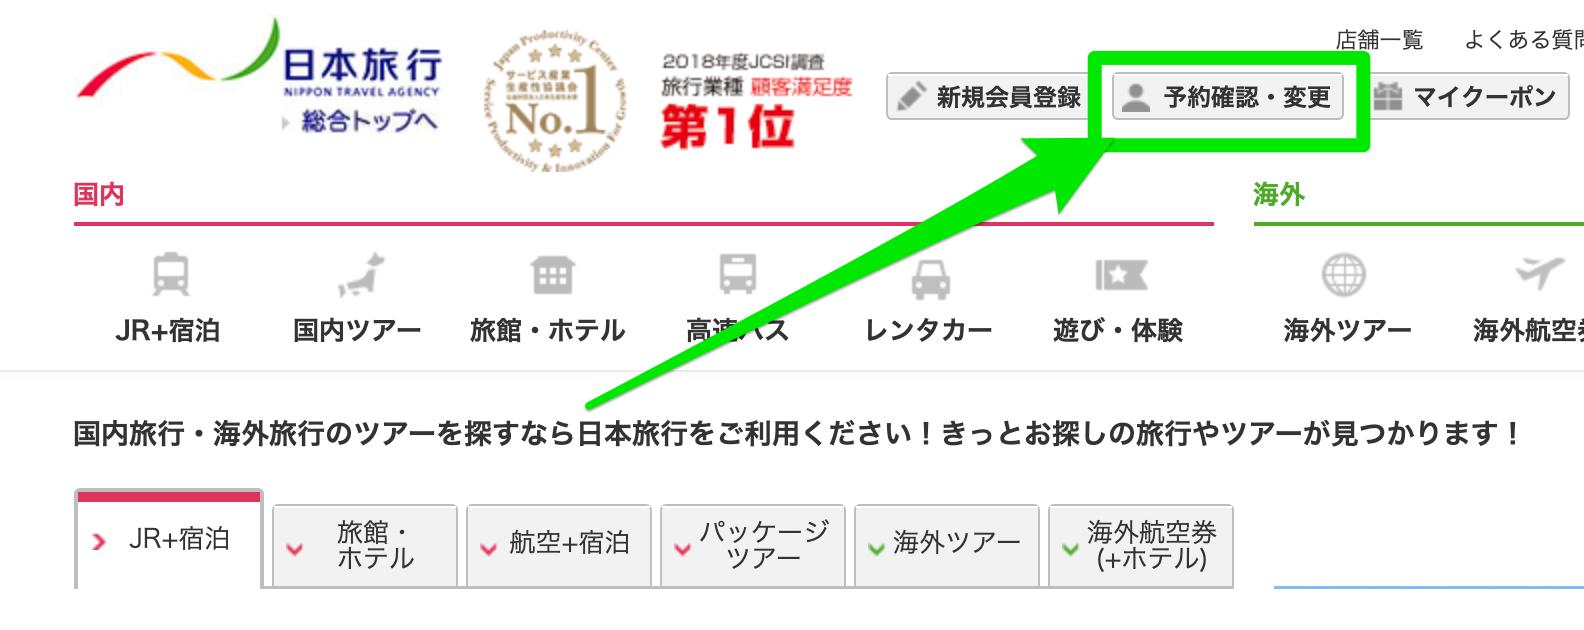 日本旅行のクーポンを確認する方法